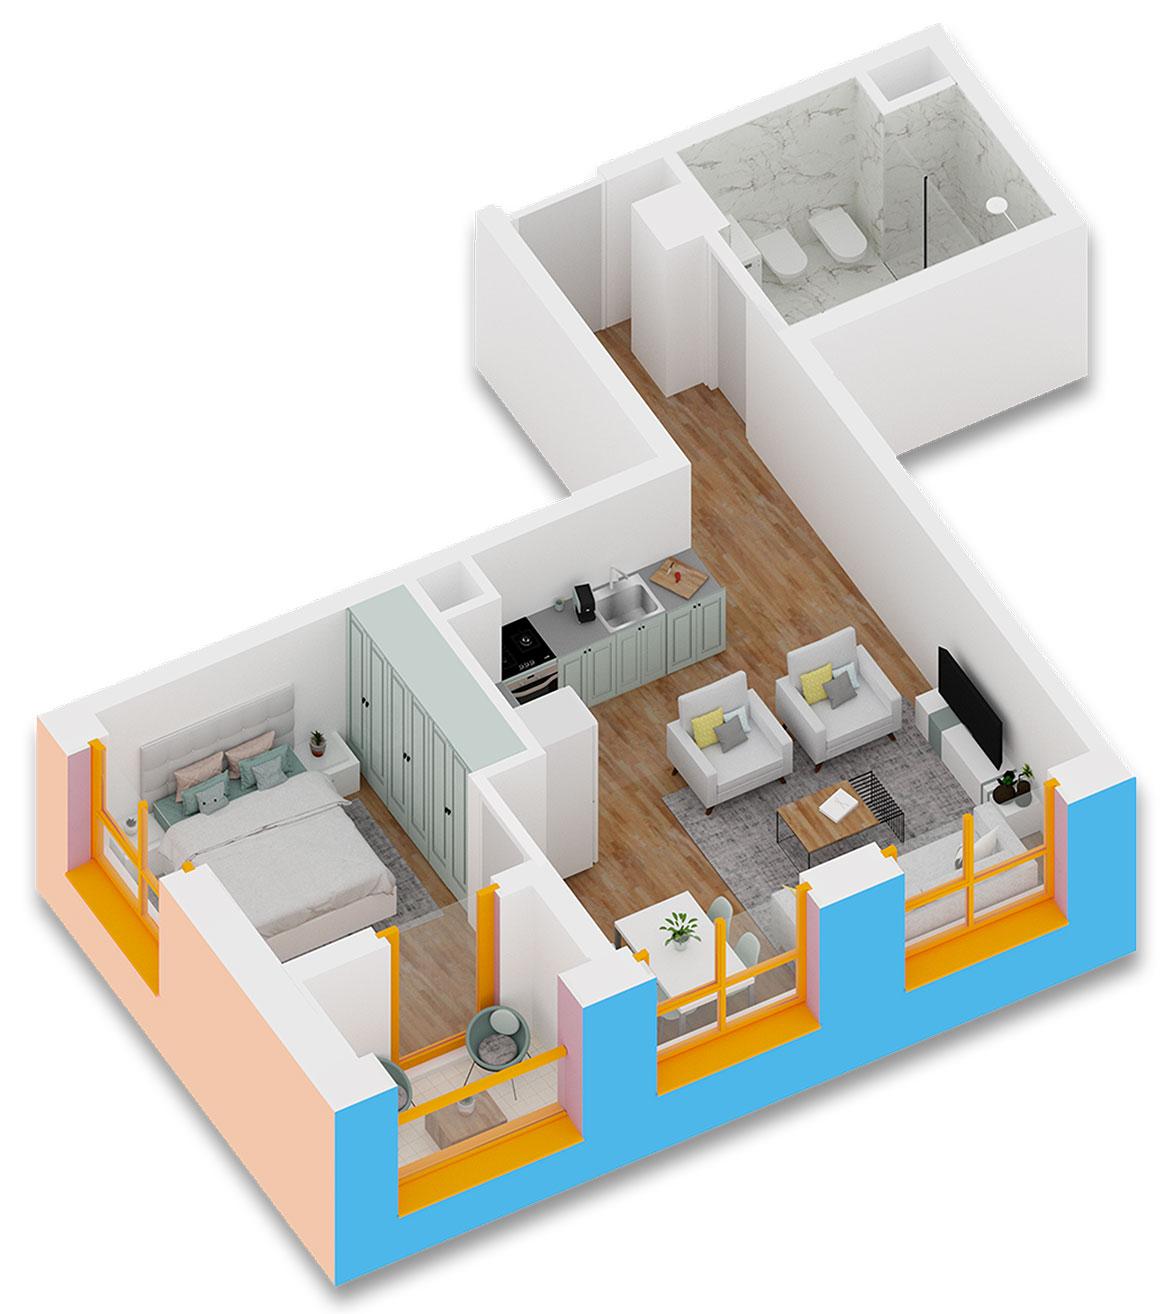 Apartament 1+1 në shitje në Tiranë - Mangalem 21 Shkalla 10 Kati 9